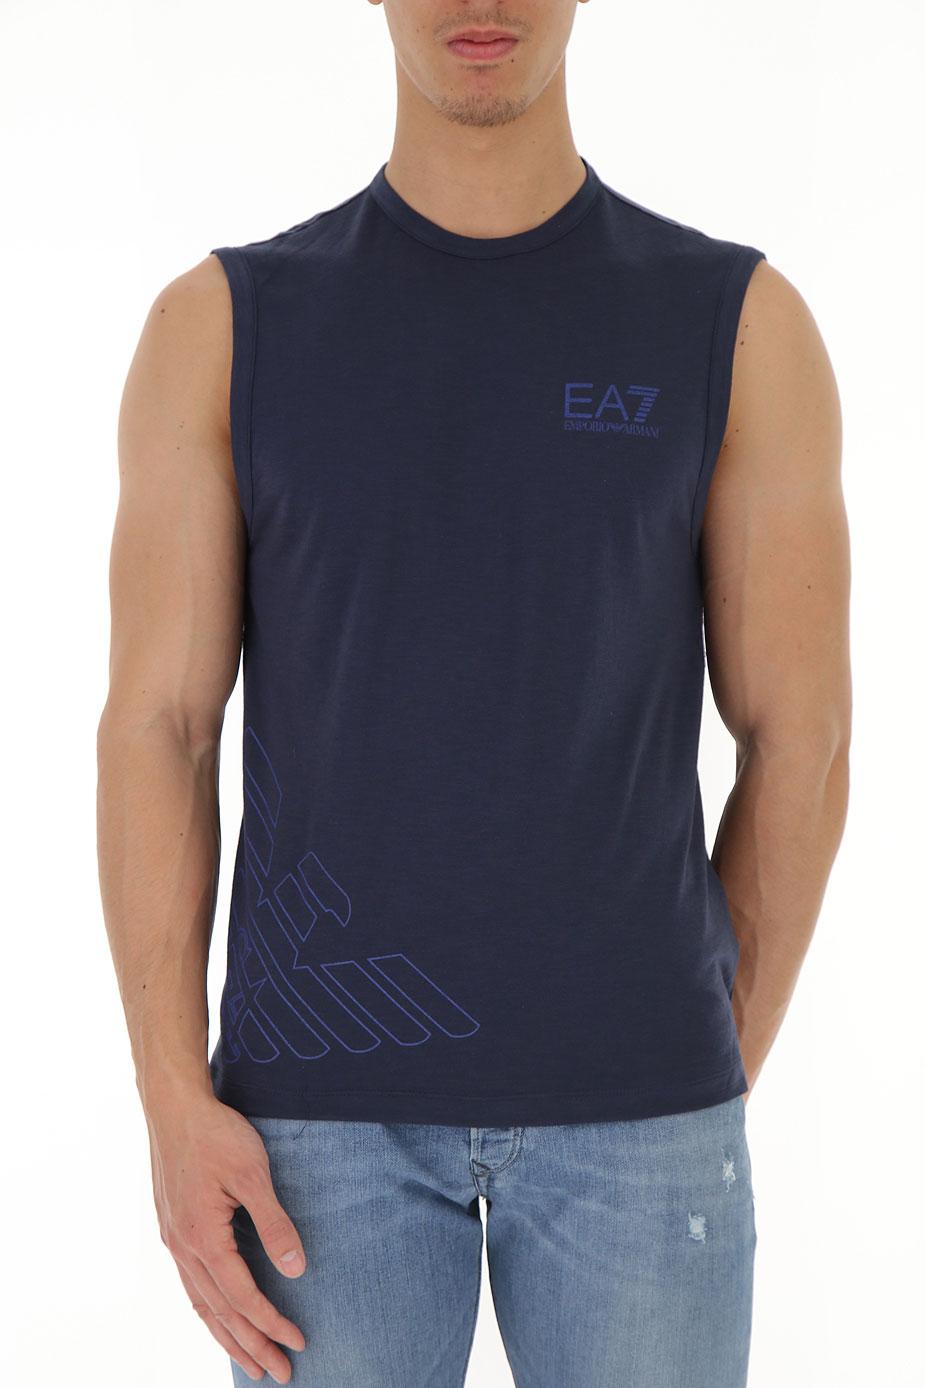 Abbigliamento Uomo Emporio Armani Codice Articolo 3zpt24-pj80z-1554